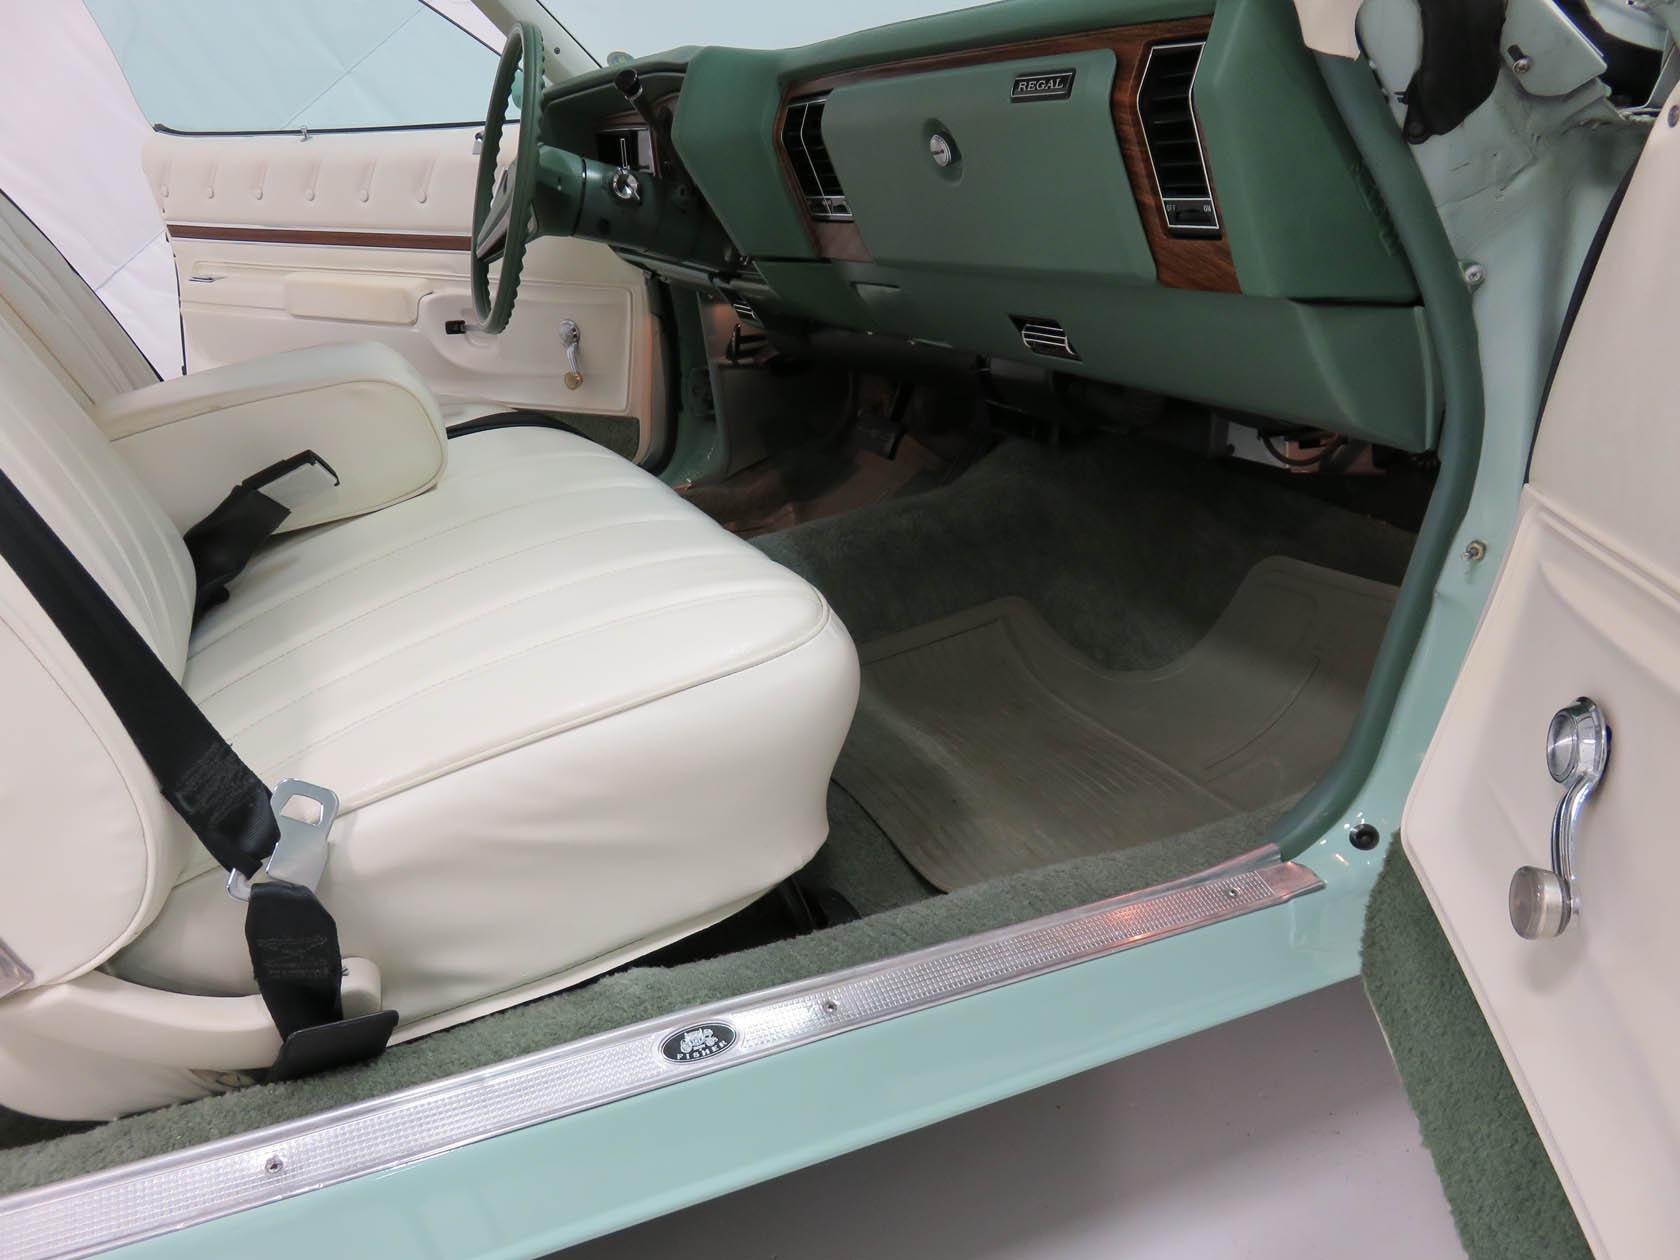 Michael Esposito - 1974 Oldsmobile Cutlasss Supreme 434